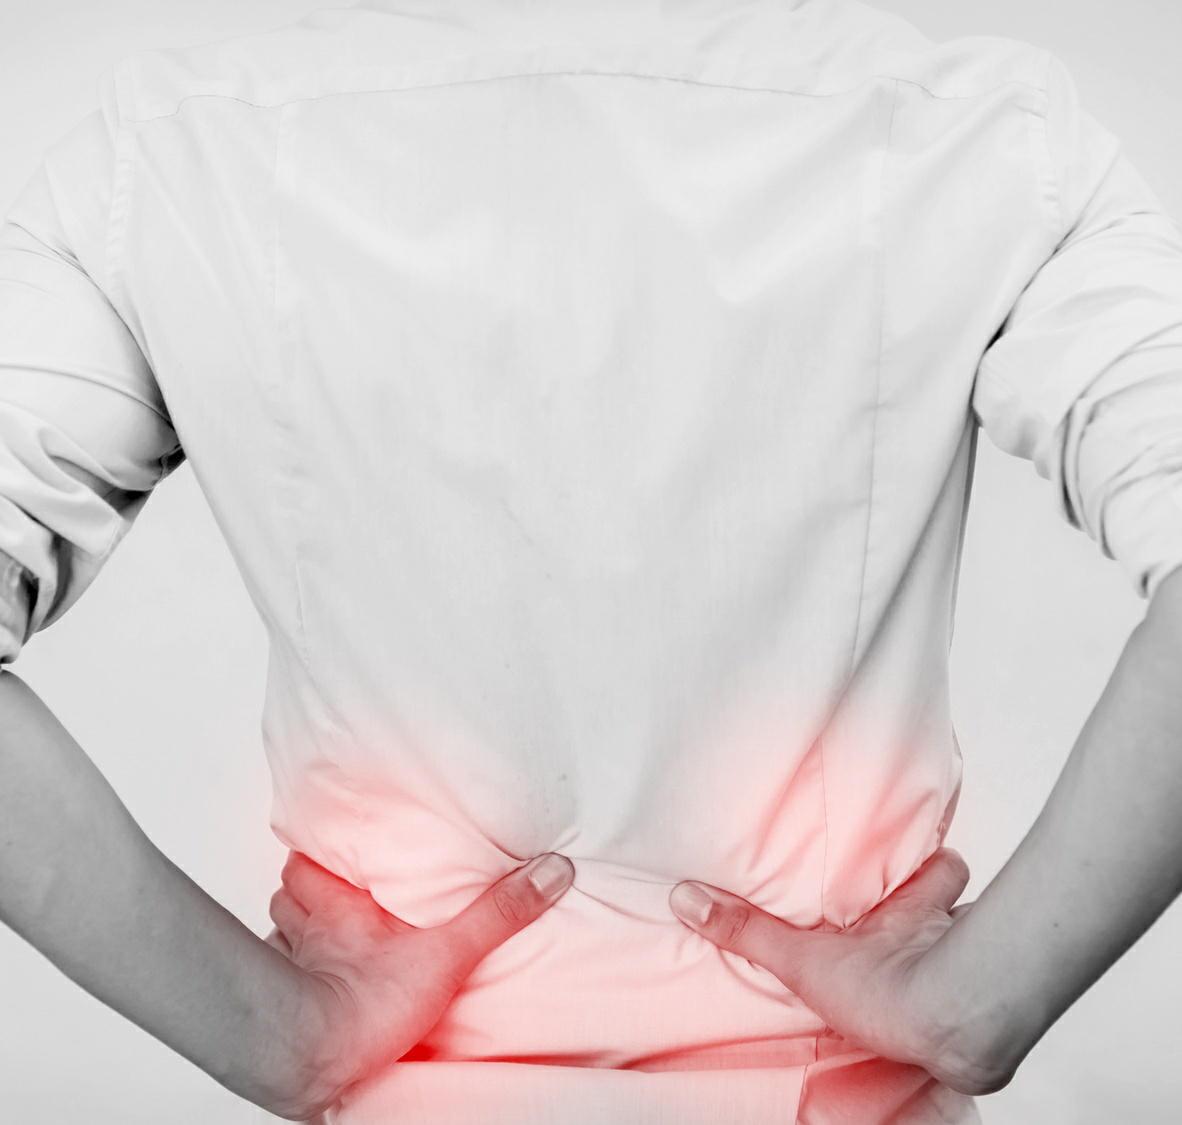 腰の負担をはかるセンサ内蔵ウェアを開発 介護施設などの負担を軽減